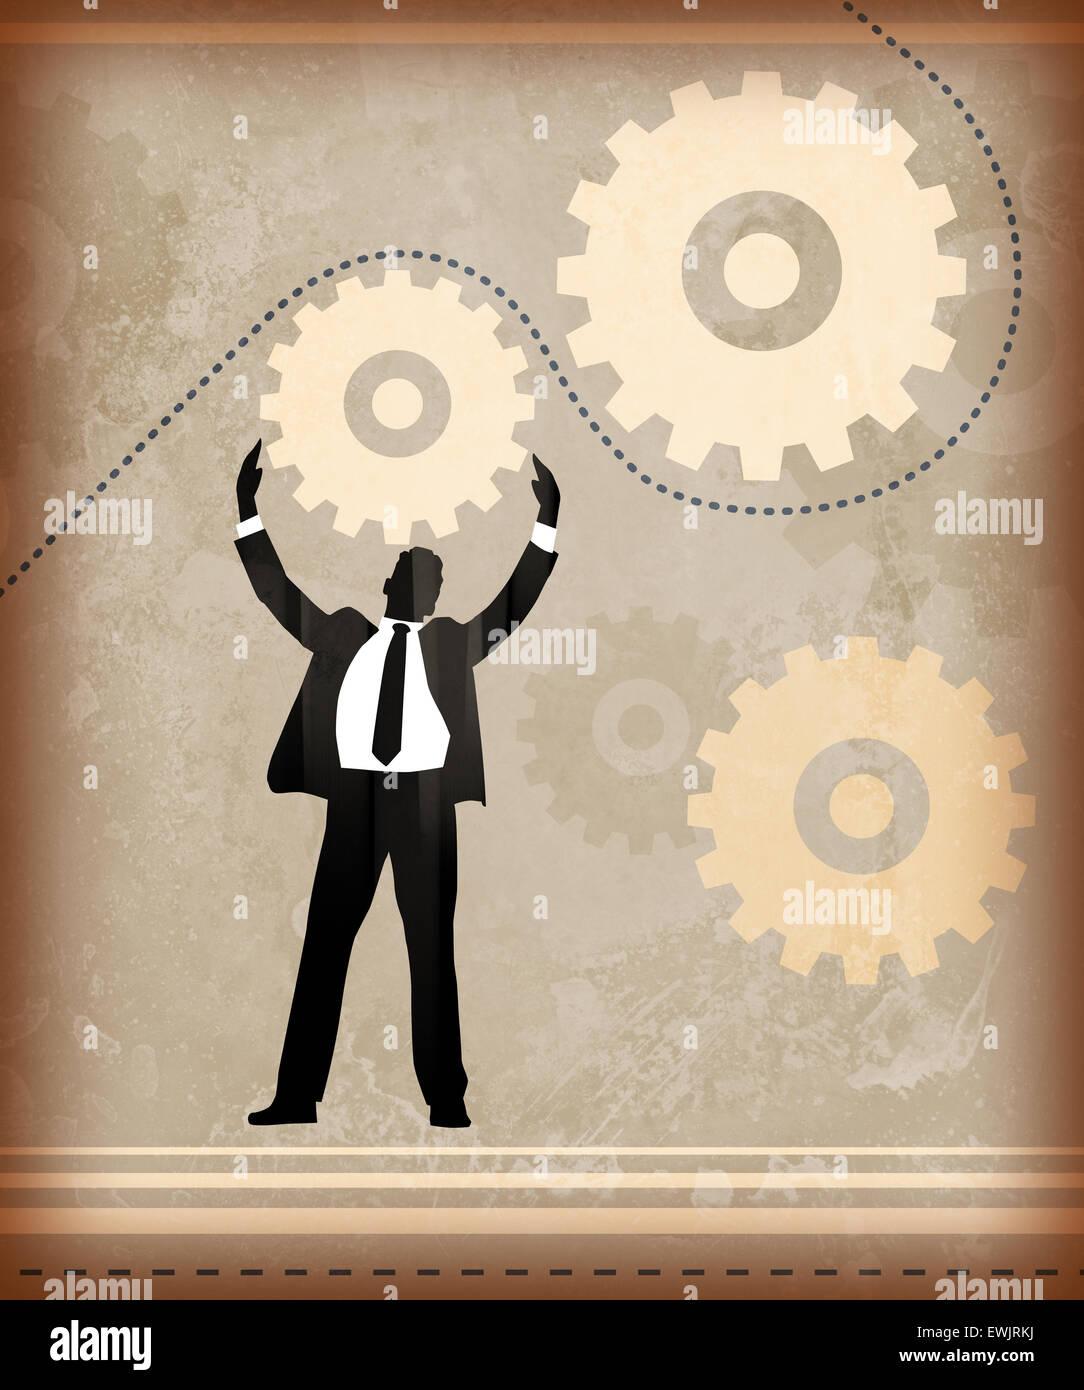 Anschauliches Bild der Geschäftsmann, Business Mechanismus darstellt Stockbild